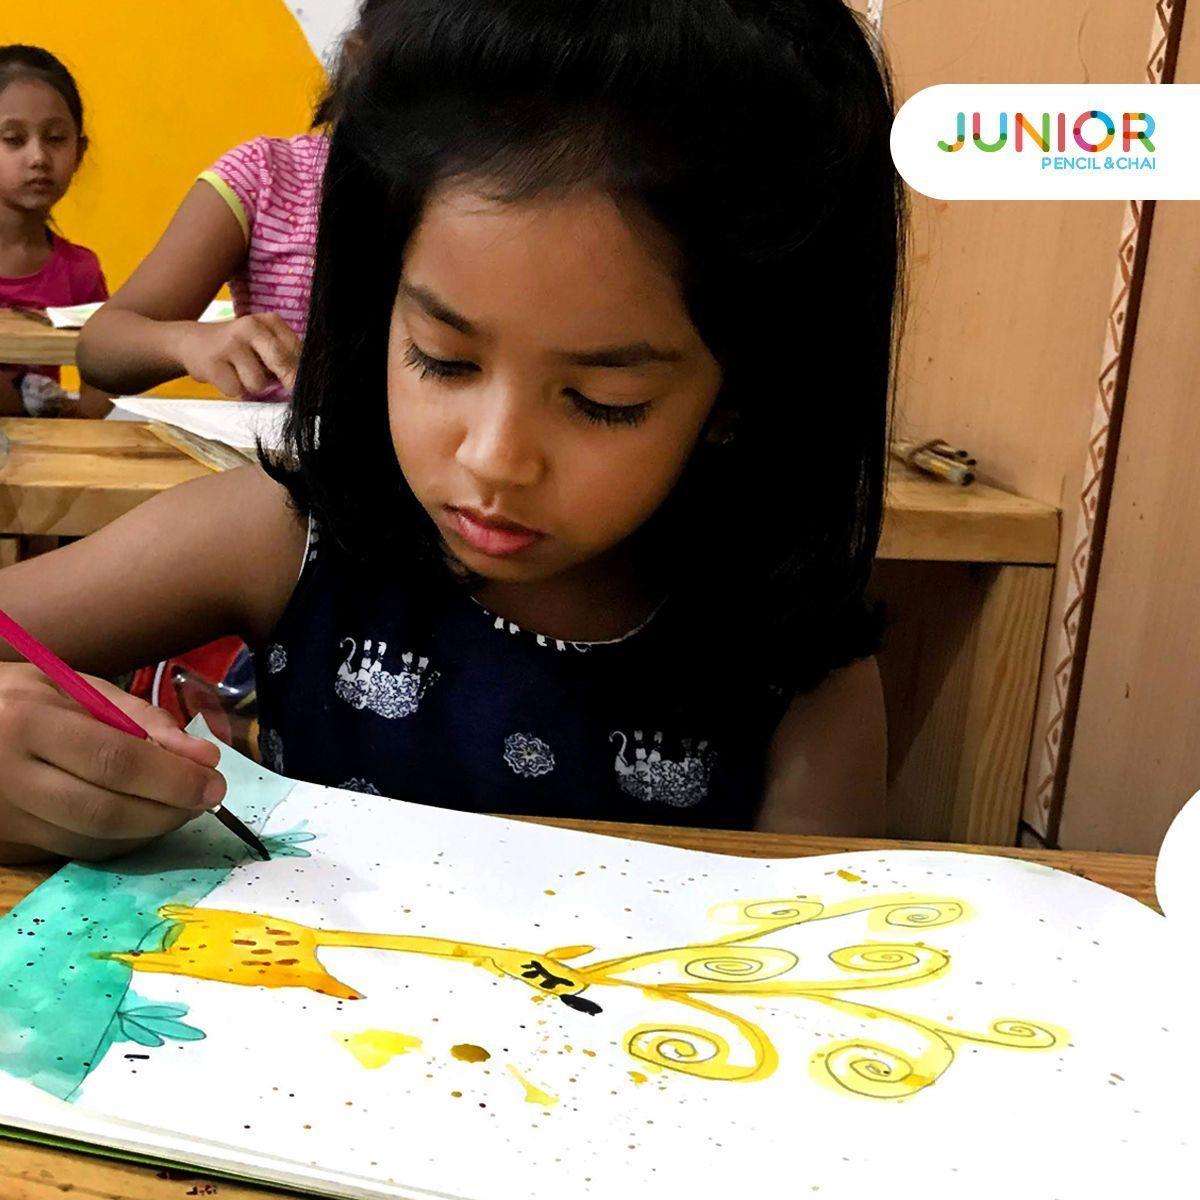 Art Classes For Kids Near Jayanagar In 2020 Art School Kids Jr